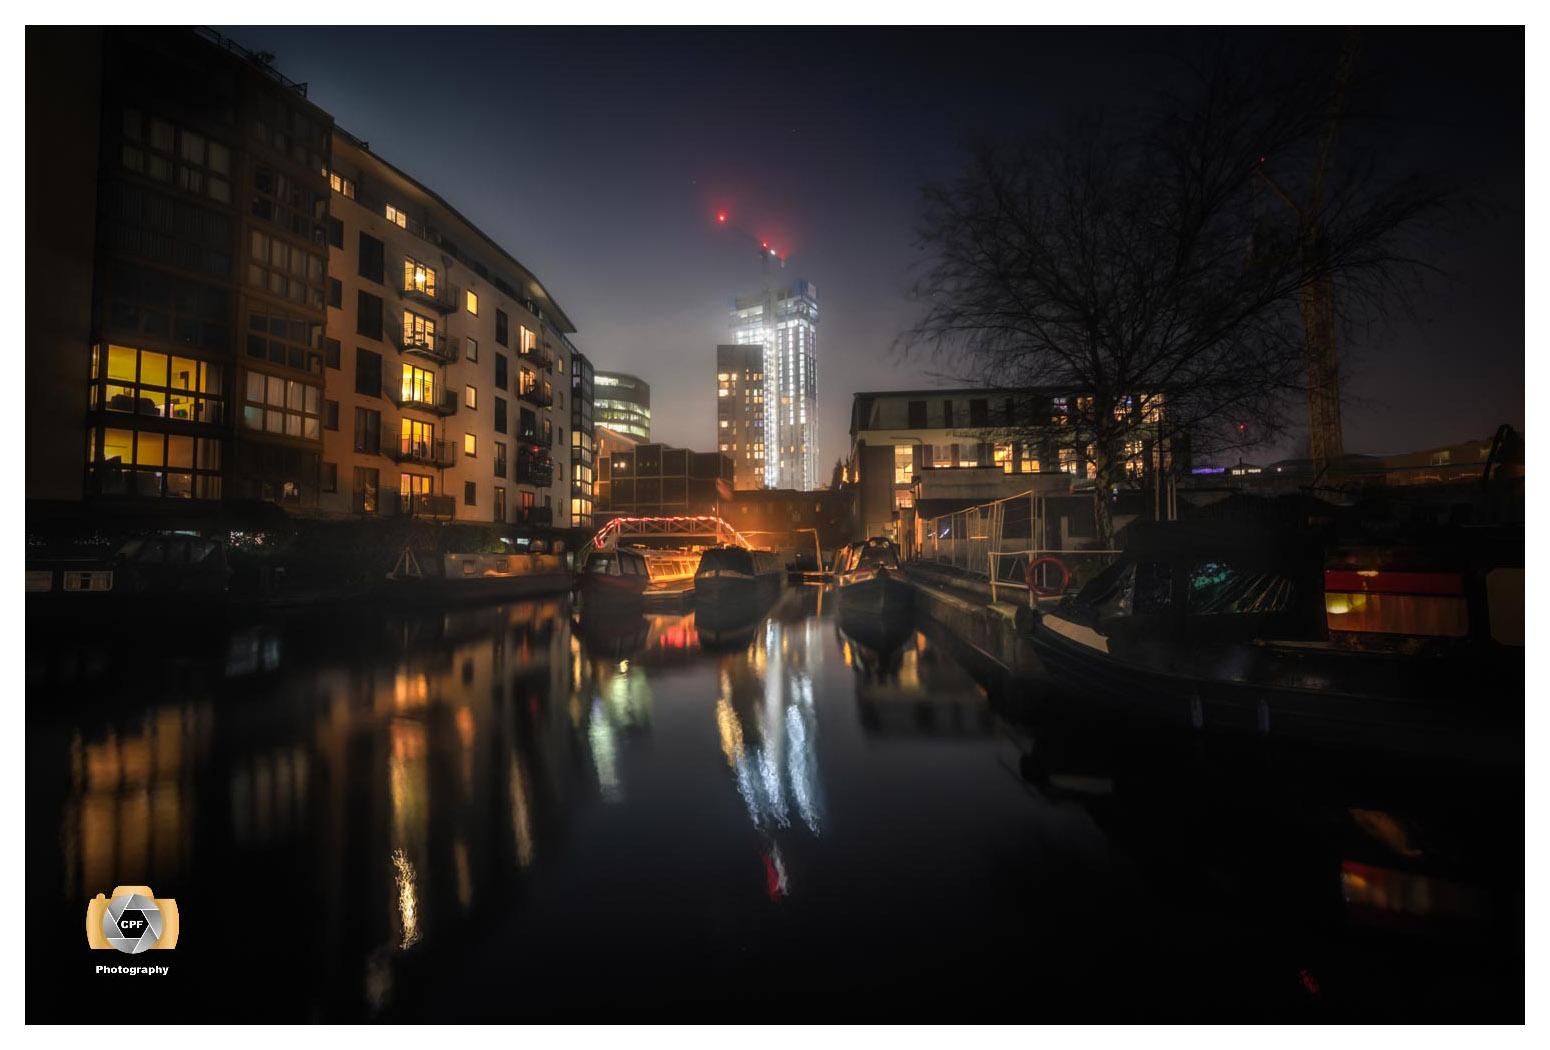 Sherborne Wharf At Night